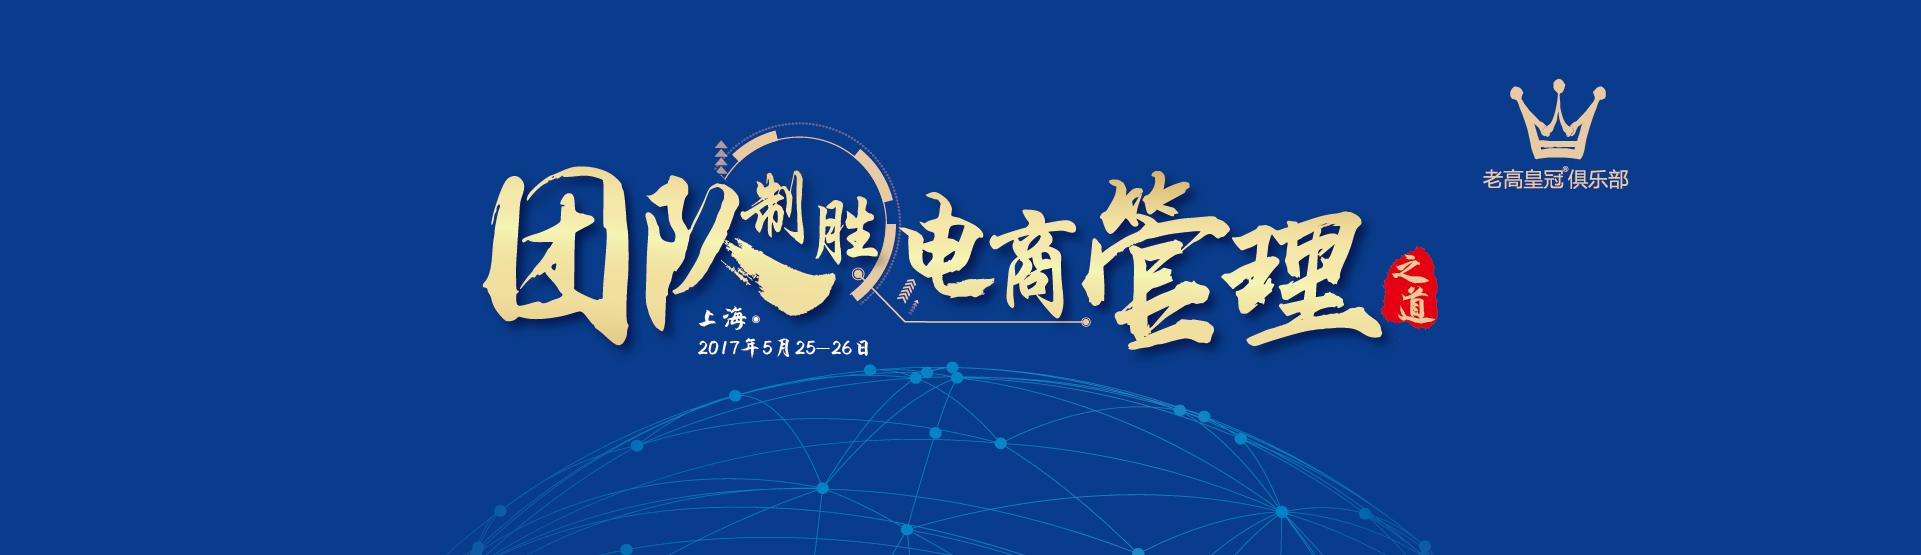 2017老高皇冠俱乐部5月例会——团队制胜 电商管理